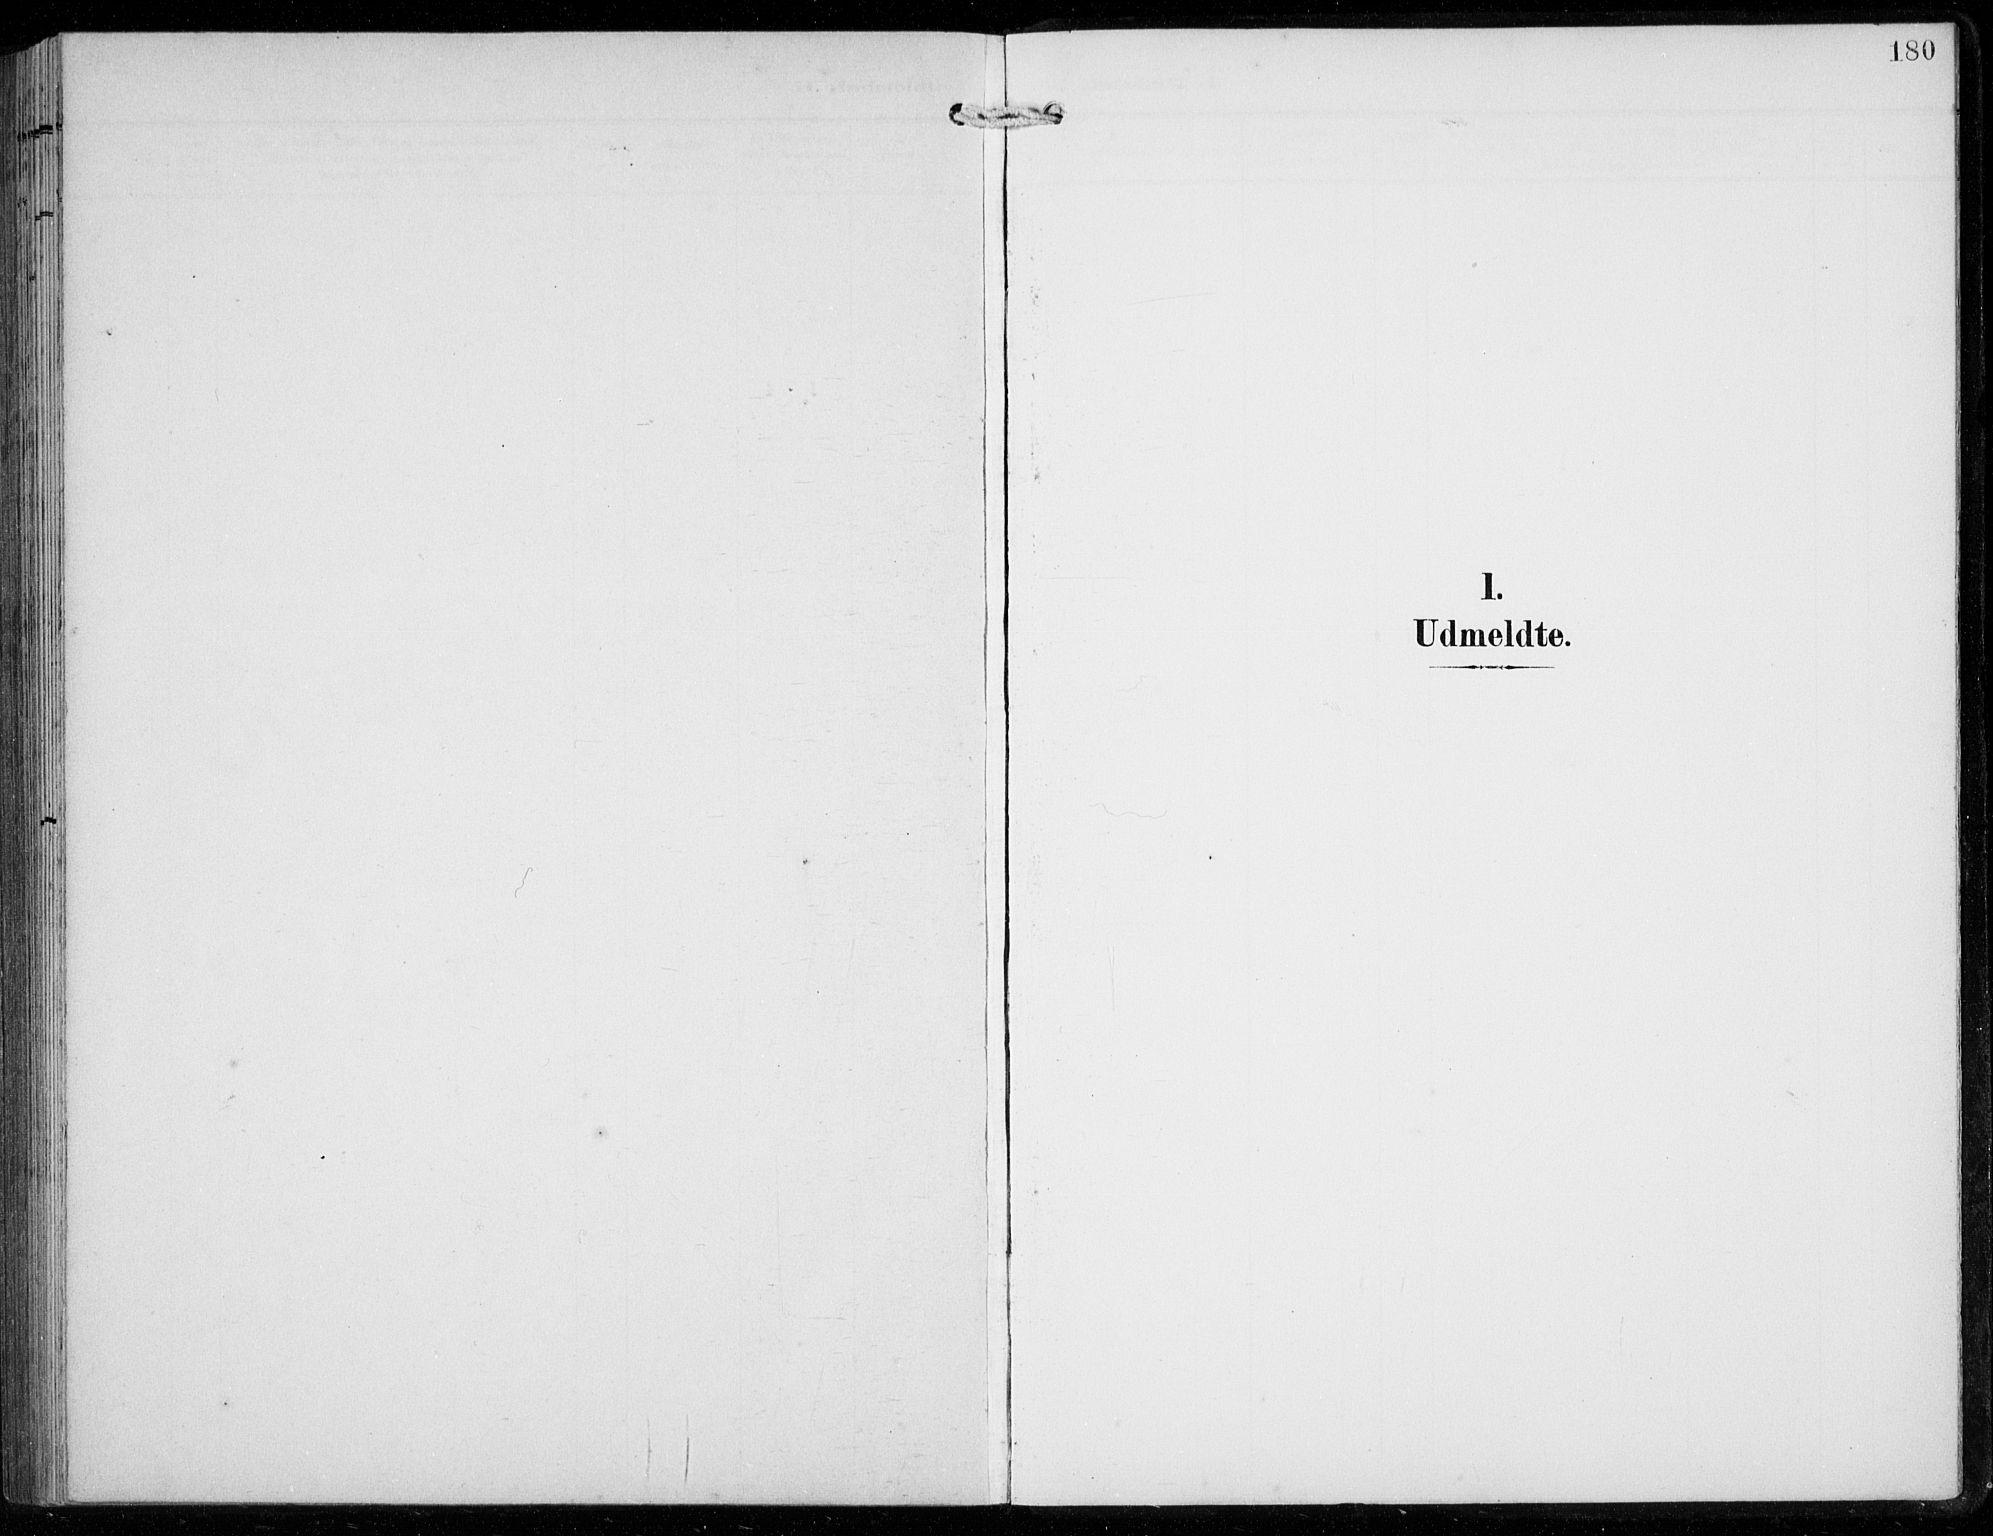 SAB, Ullensvang Sokneprestembete, H/Hab: Klokkerbok nr. F  1, 1902-1935, s. 180